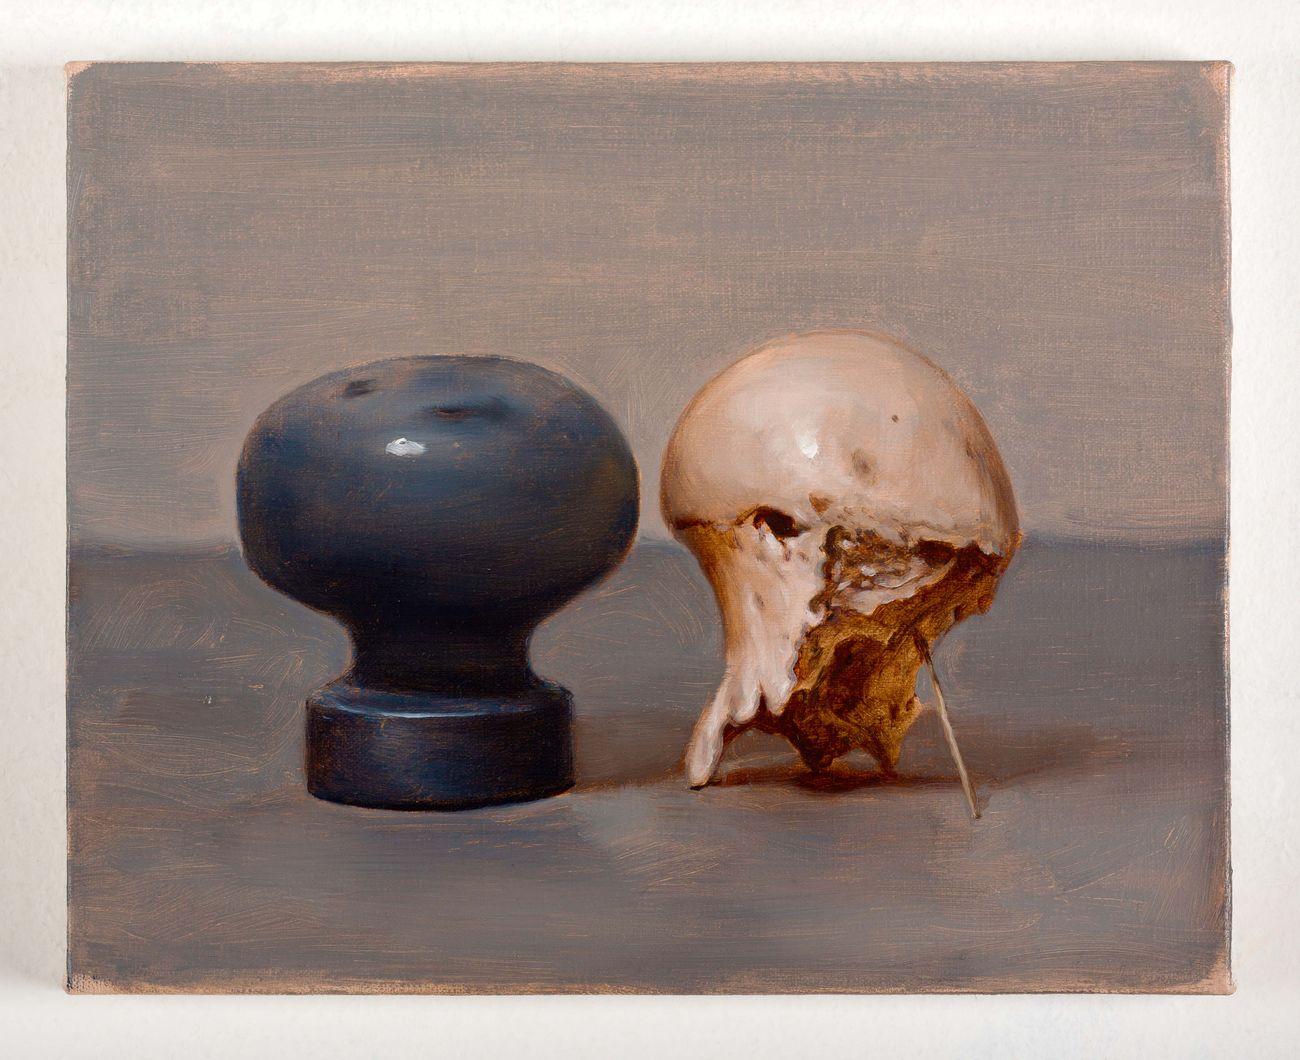 Manuele Cerutti, L'attesa delle regole (II), 2013, olio su lino, 24 x 30 cm, AmC Collezione Coppola. Photo Cristina Leoncini